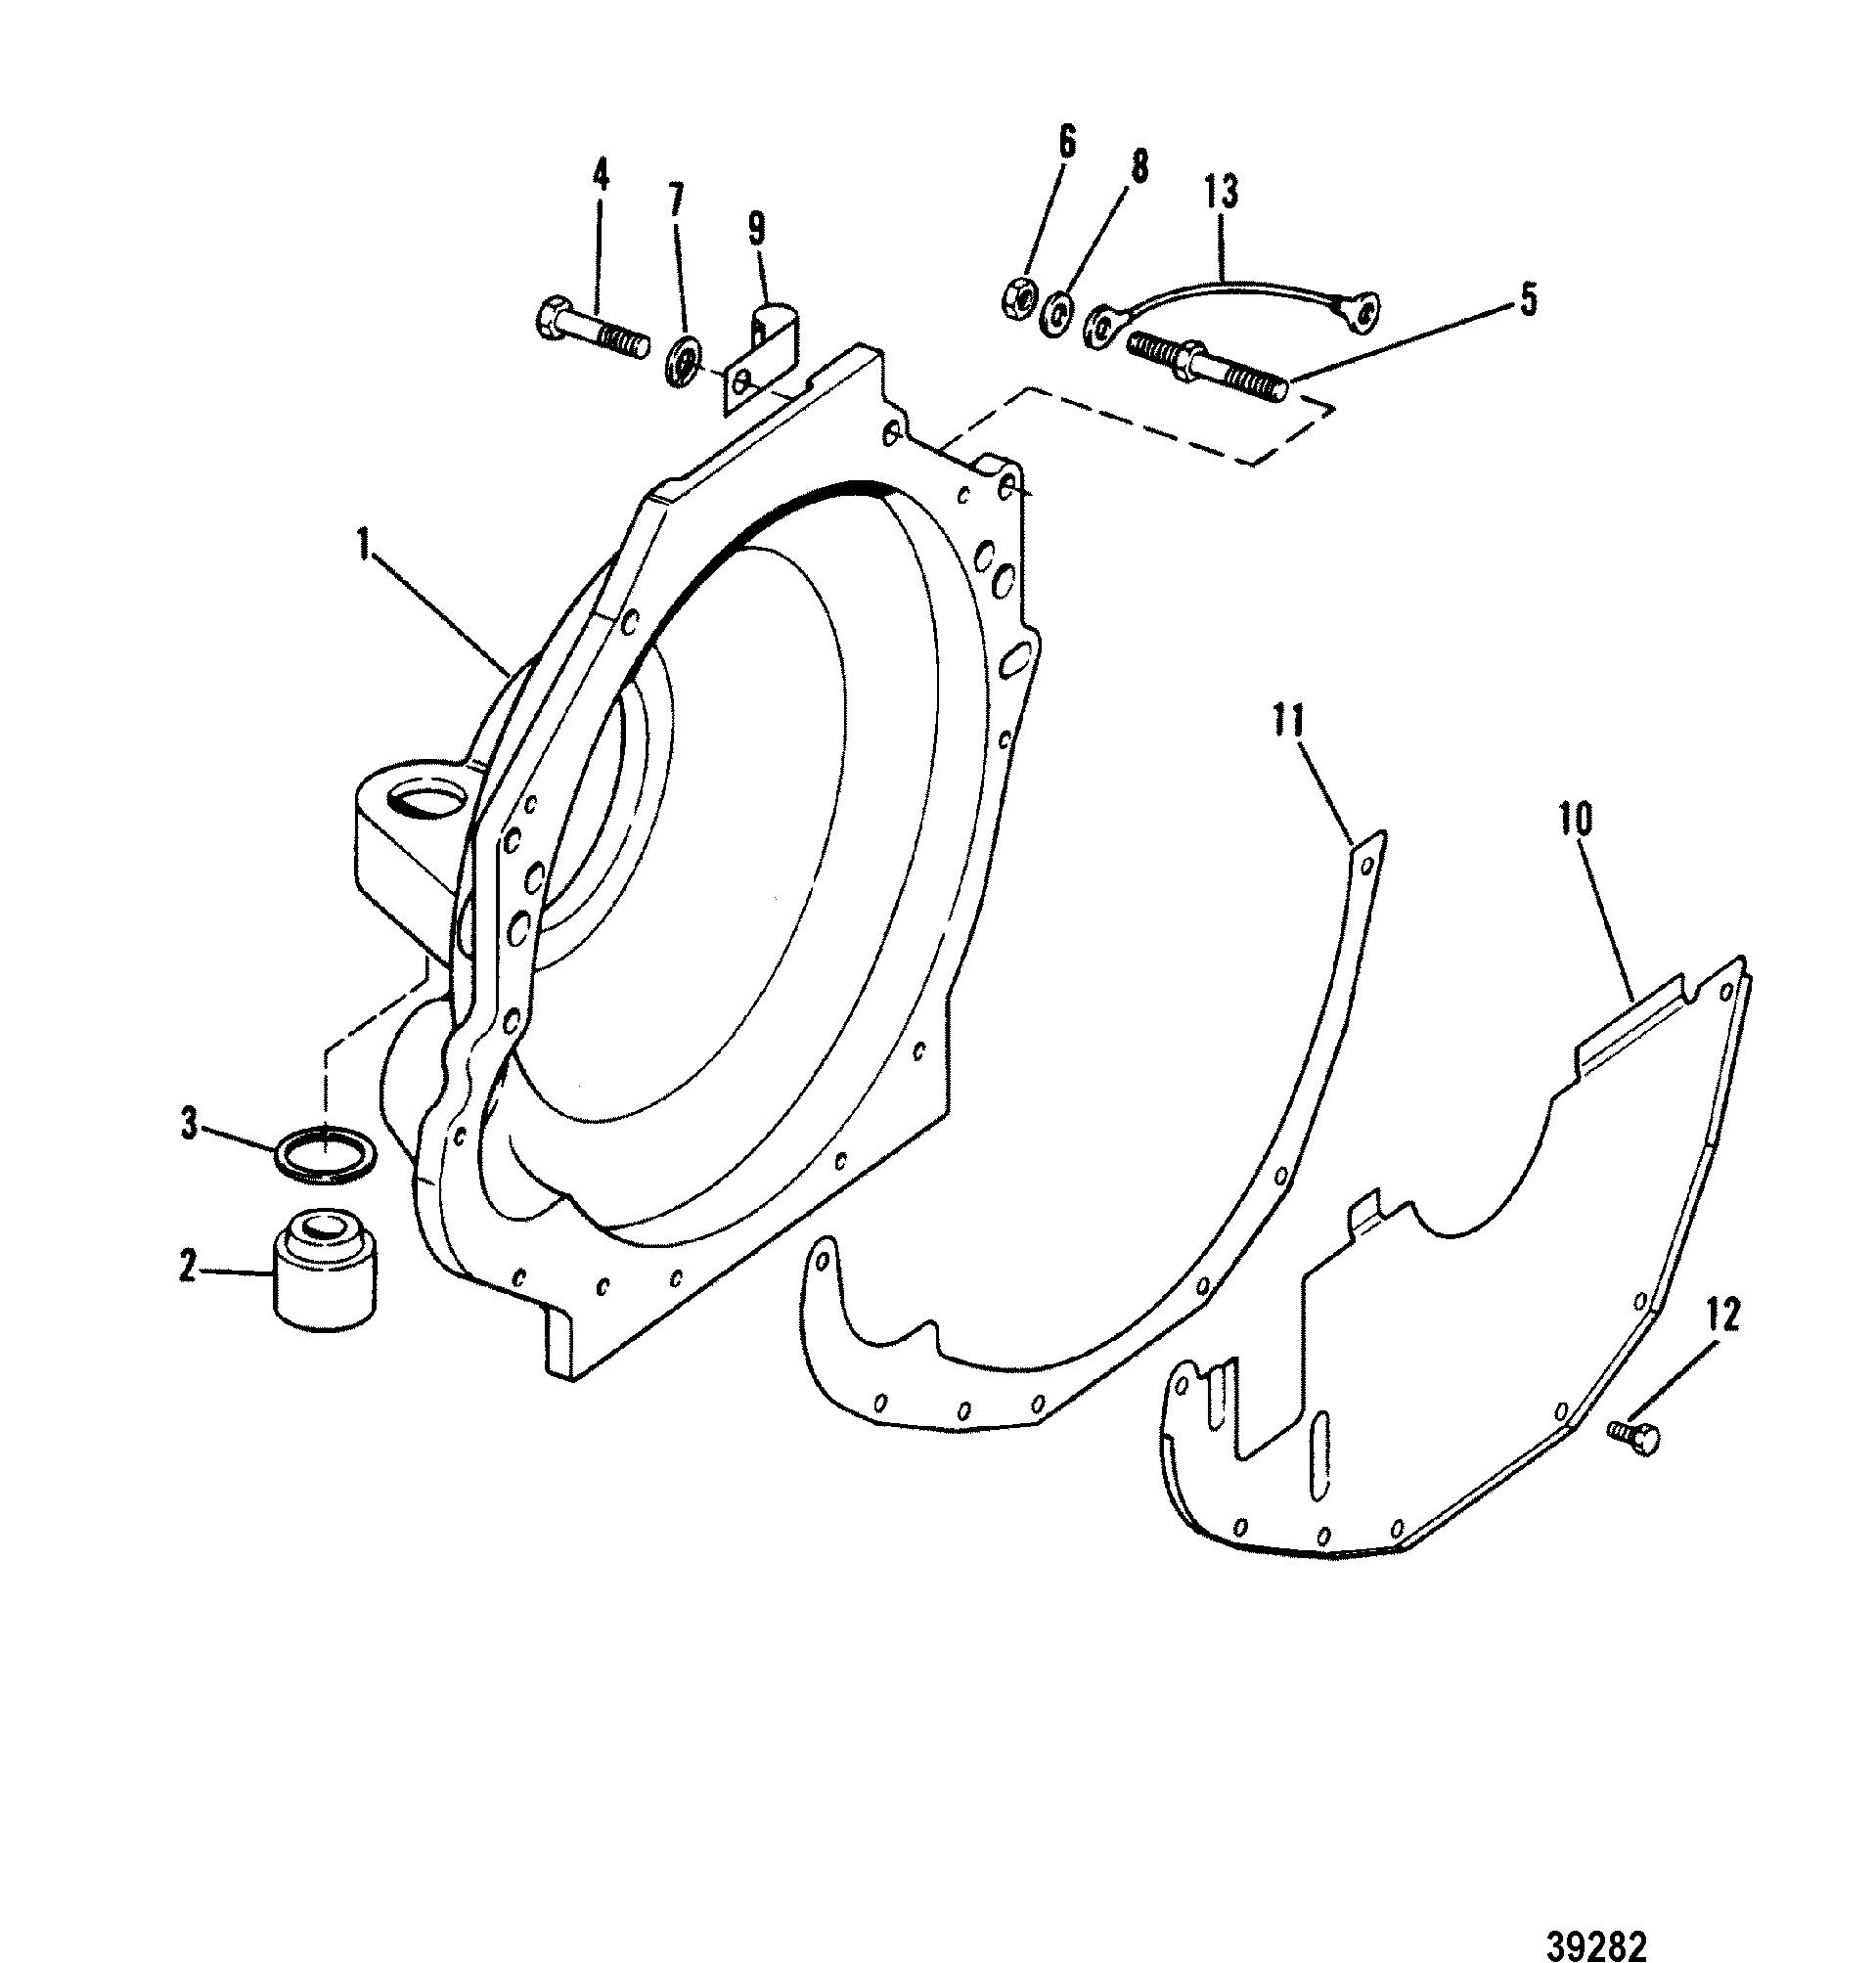 Fascinating mercruiser 4 3l engine diagram pictures best image